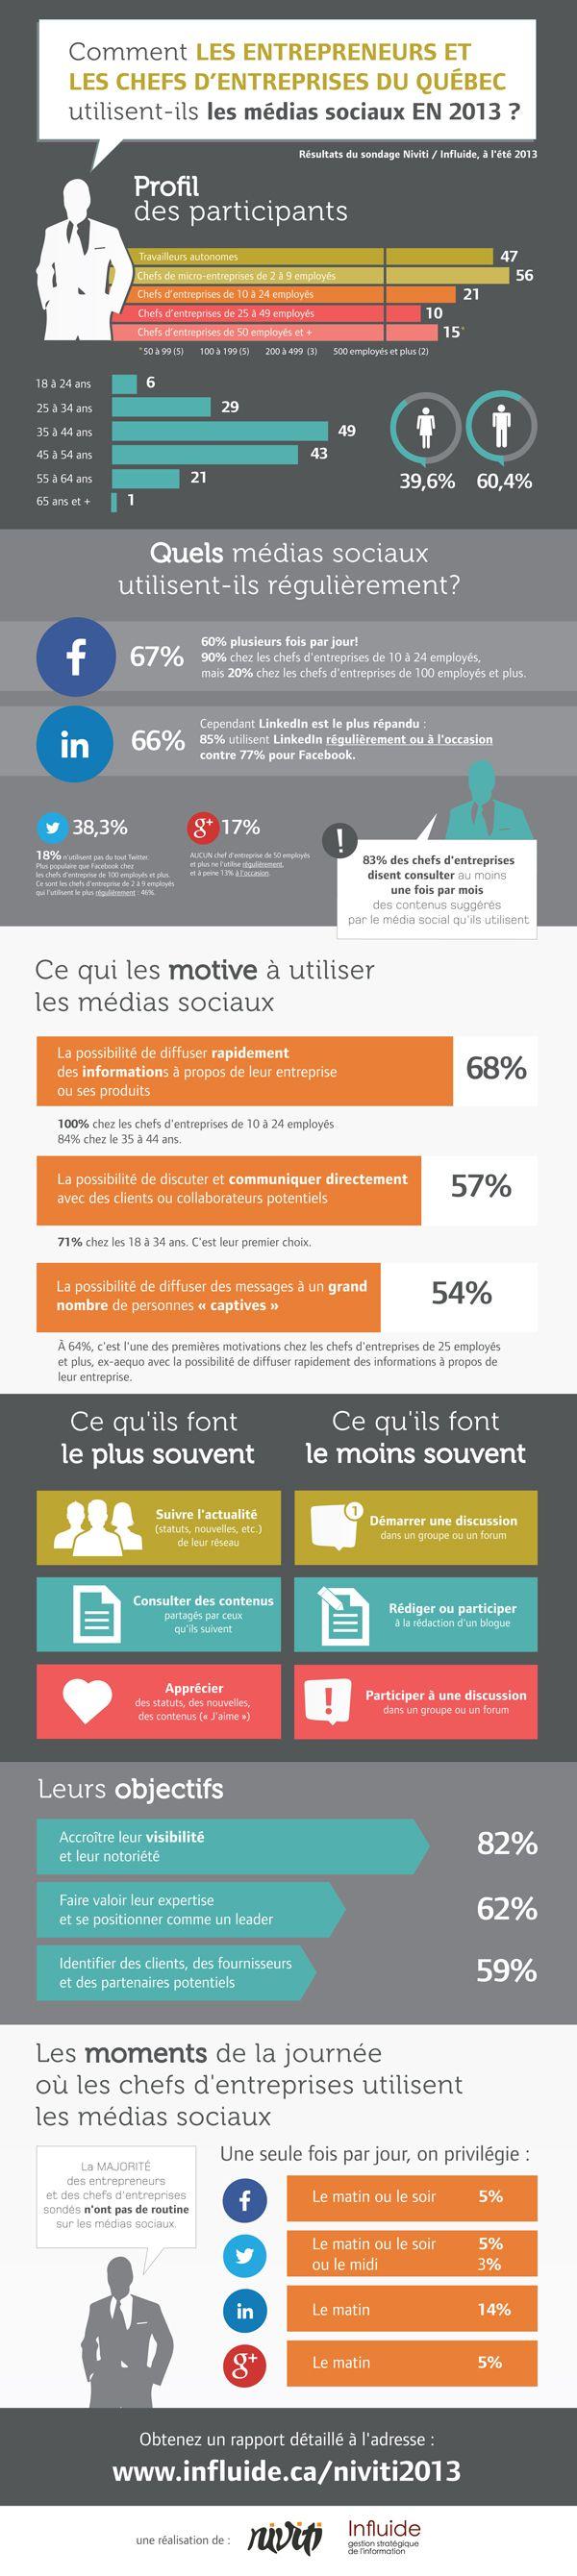 Infographie - Utilisation des médias sociaux par les entrepreneurs au Québec